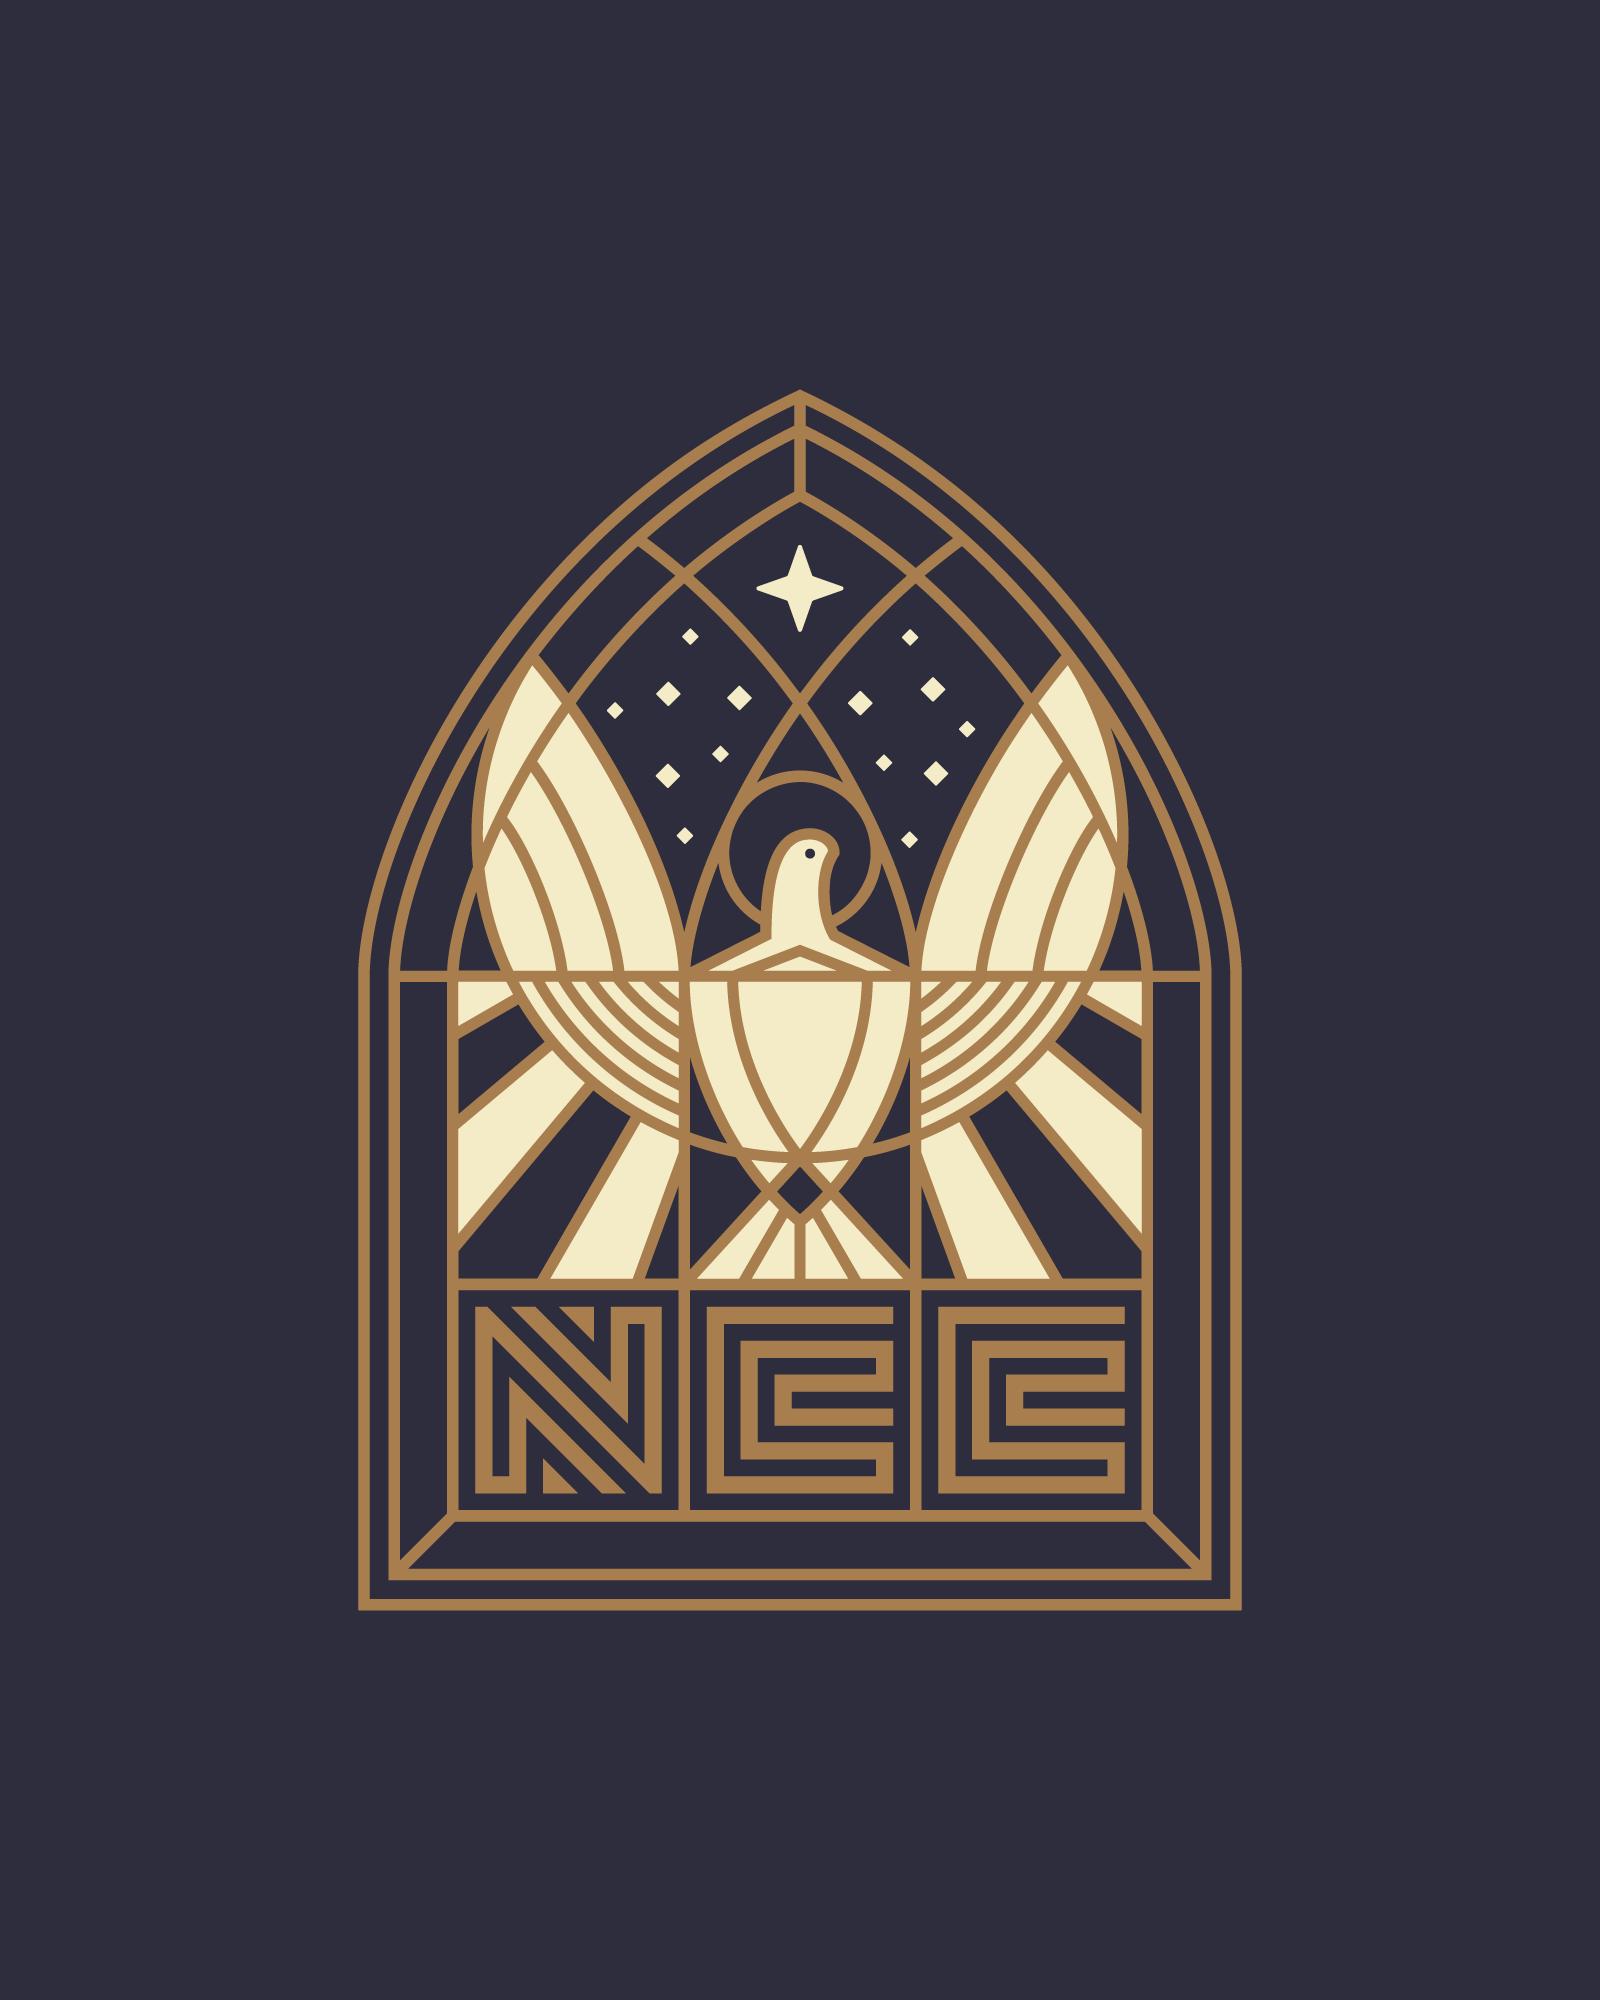 The National Christian Choir